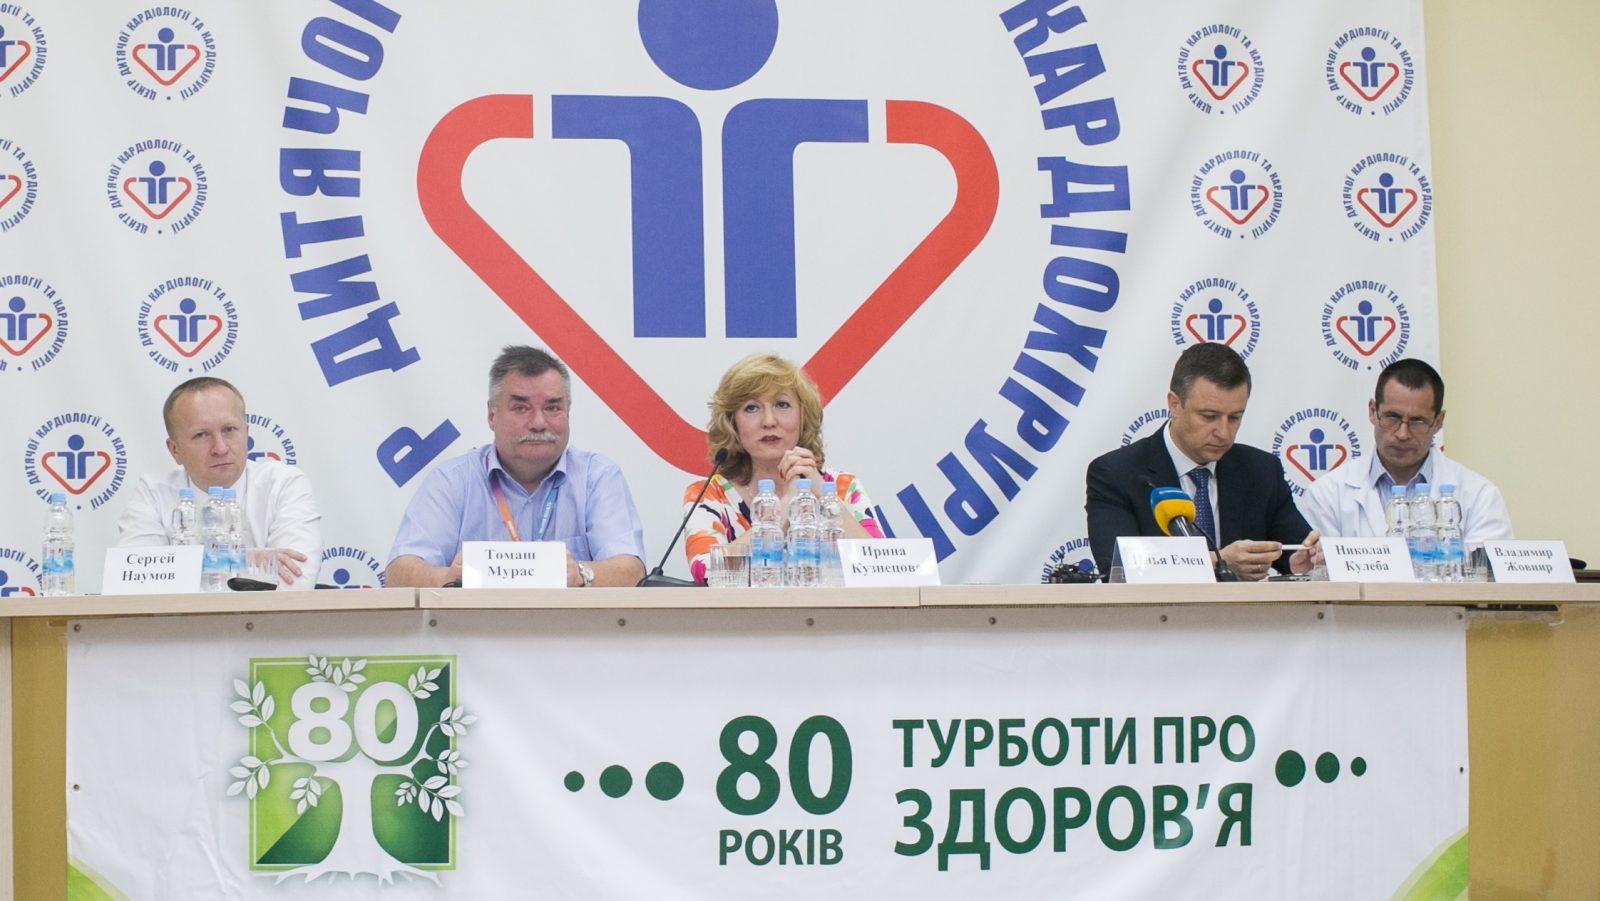 «Пробіг під каштанами – 2015» передав Центру дитячої кардіології та кардіохірургії МОЗ України 650 000 гривень